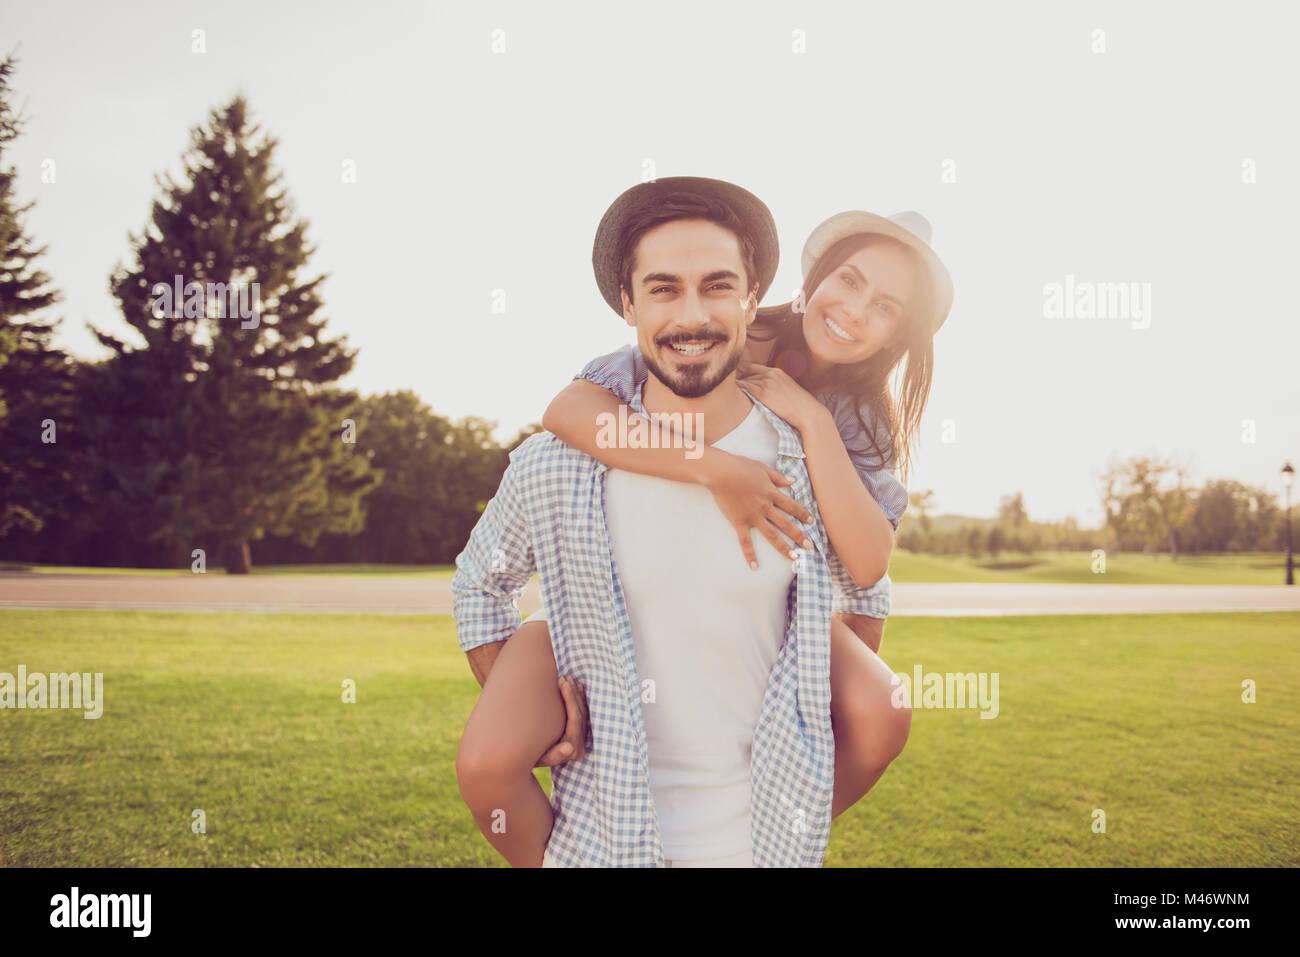 Buen día, la felicidad, el concepto de la amistad. Lindo dulce pareja aprovechar su hermosa dama, ella abraza Imagen De Stock